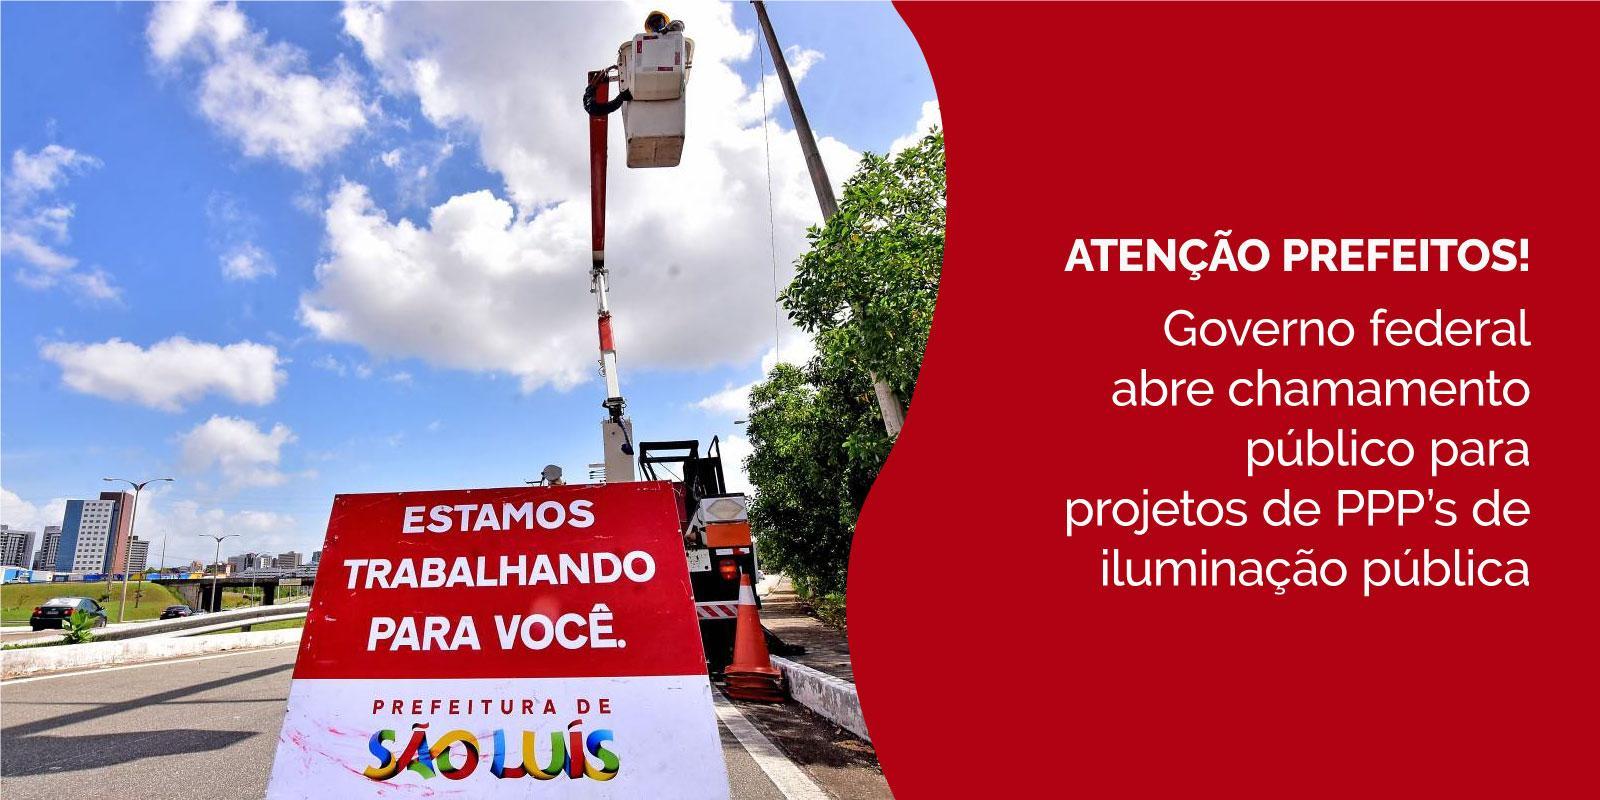 Governo federal abre chamamento público para projetos de PPP's de iluminação pública